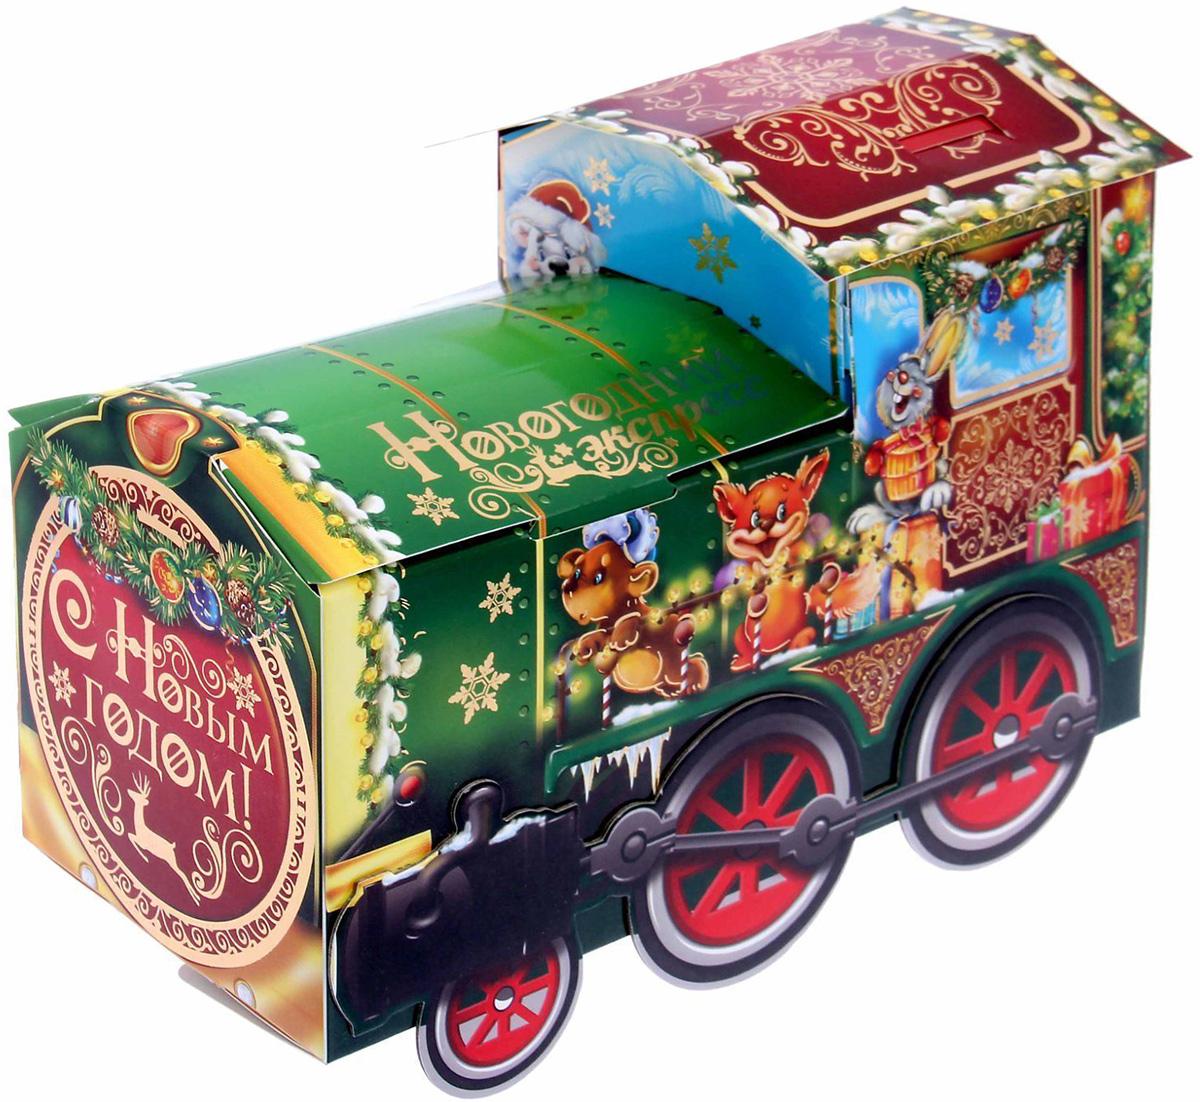 Коробка складная Sima-land Новогодний экспресс, 25 х 10.5 х 11 см1128428Любой подарок начинается с упаковки. Что может быть трогательнее и волшебнее, чем ритуал разворачивания полученного презента. И именно оригинальная, со вкусом выбранная упаковка выделит ваш подарок из массы других. Она продемонстрирует самые теплые чувства к виновнику торжества и создаст сказочную атмосферу праздника.